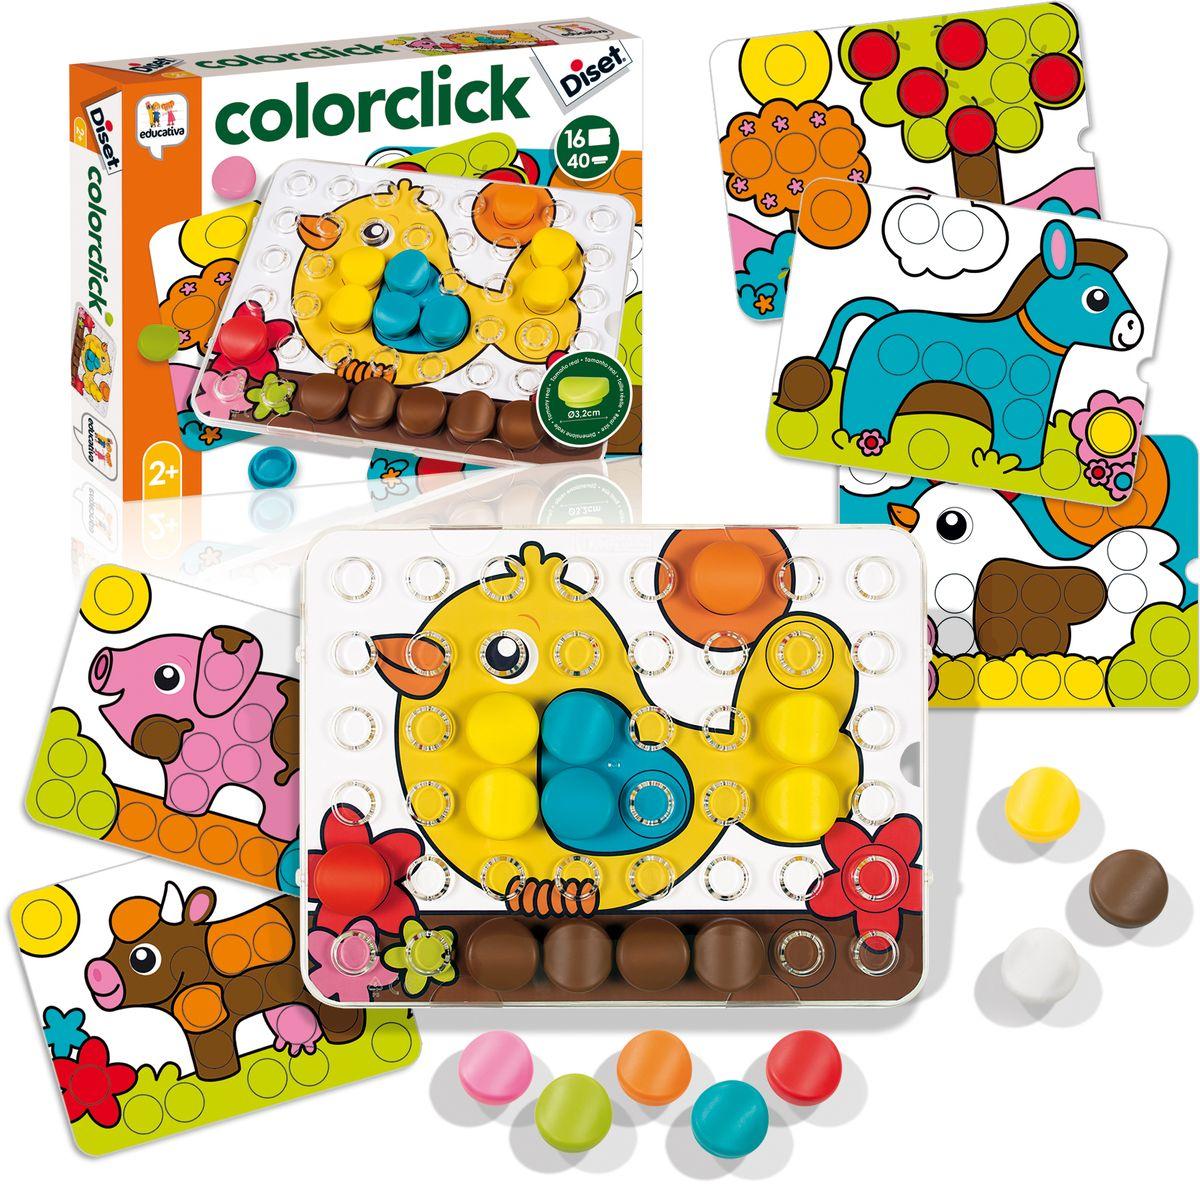 Diset Мозаика Colorclick -